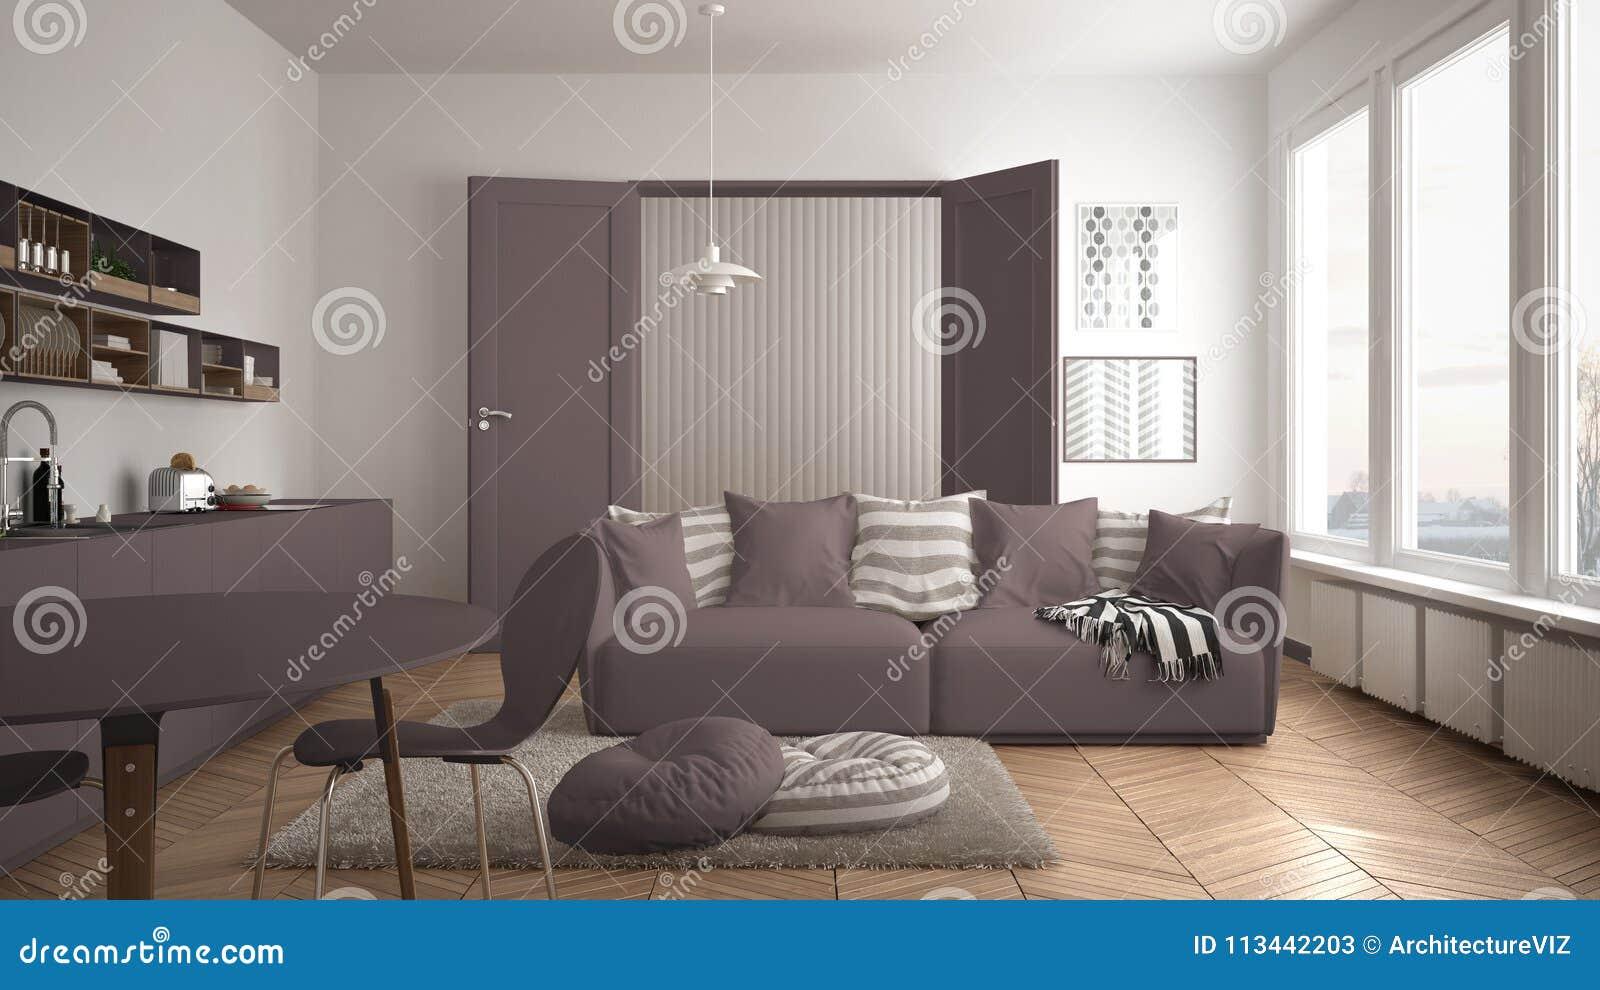 Skandinavische moderne woonkamer met keuken eettafel bank en